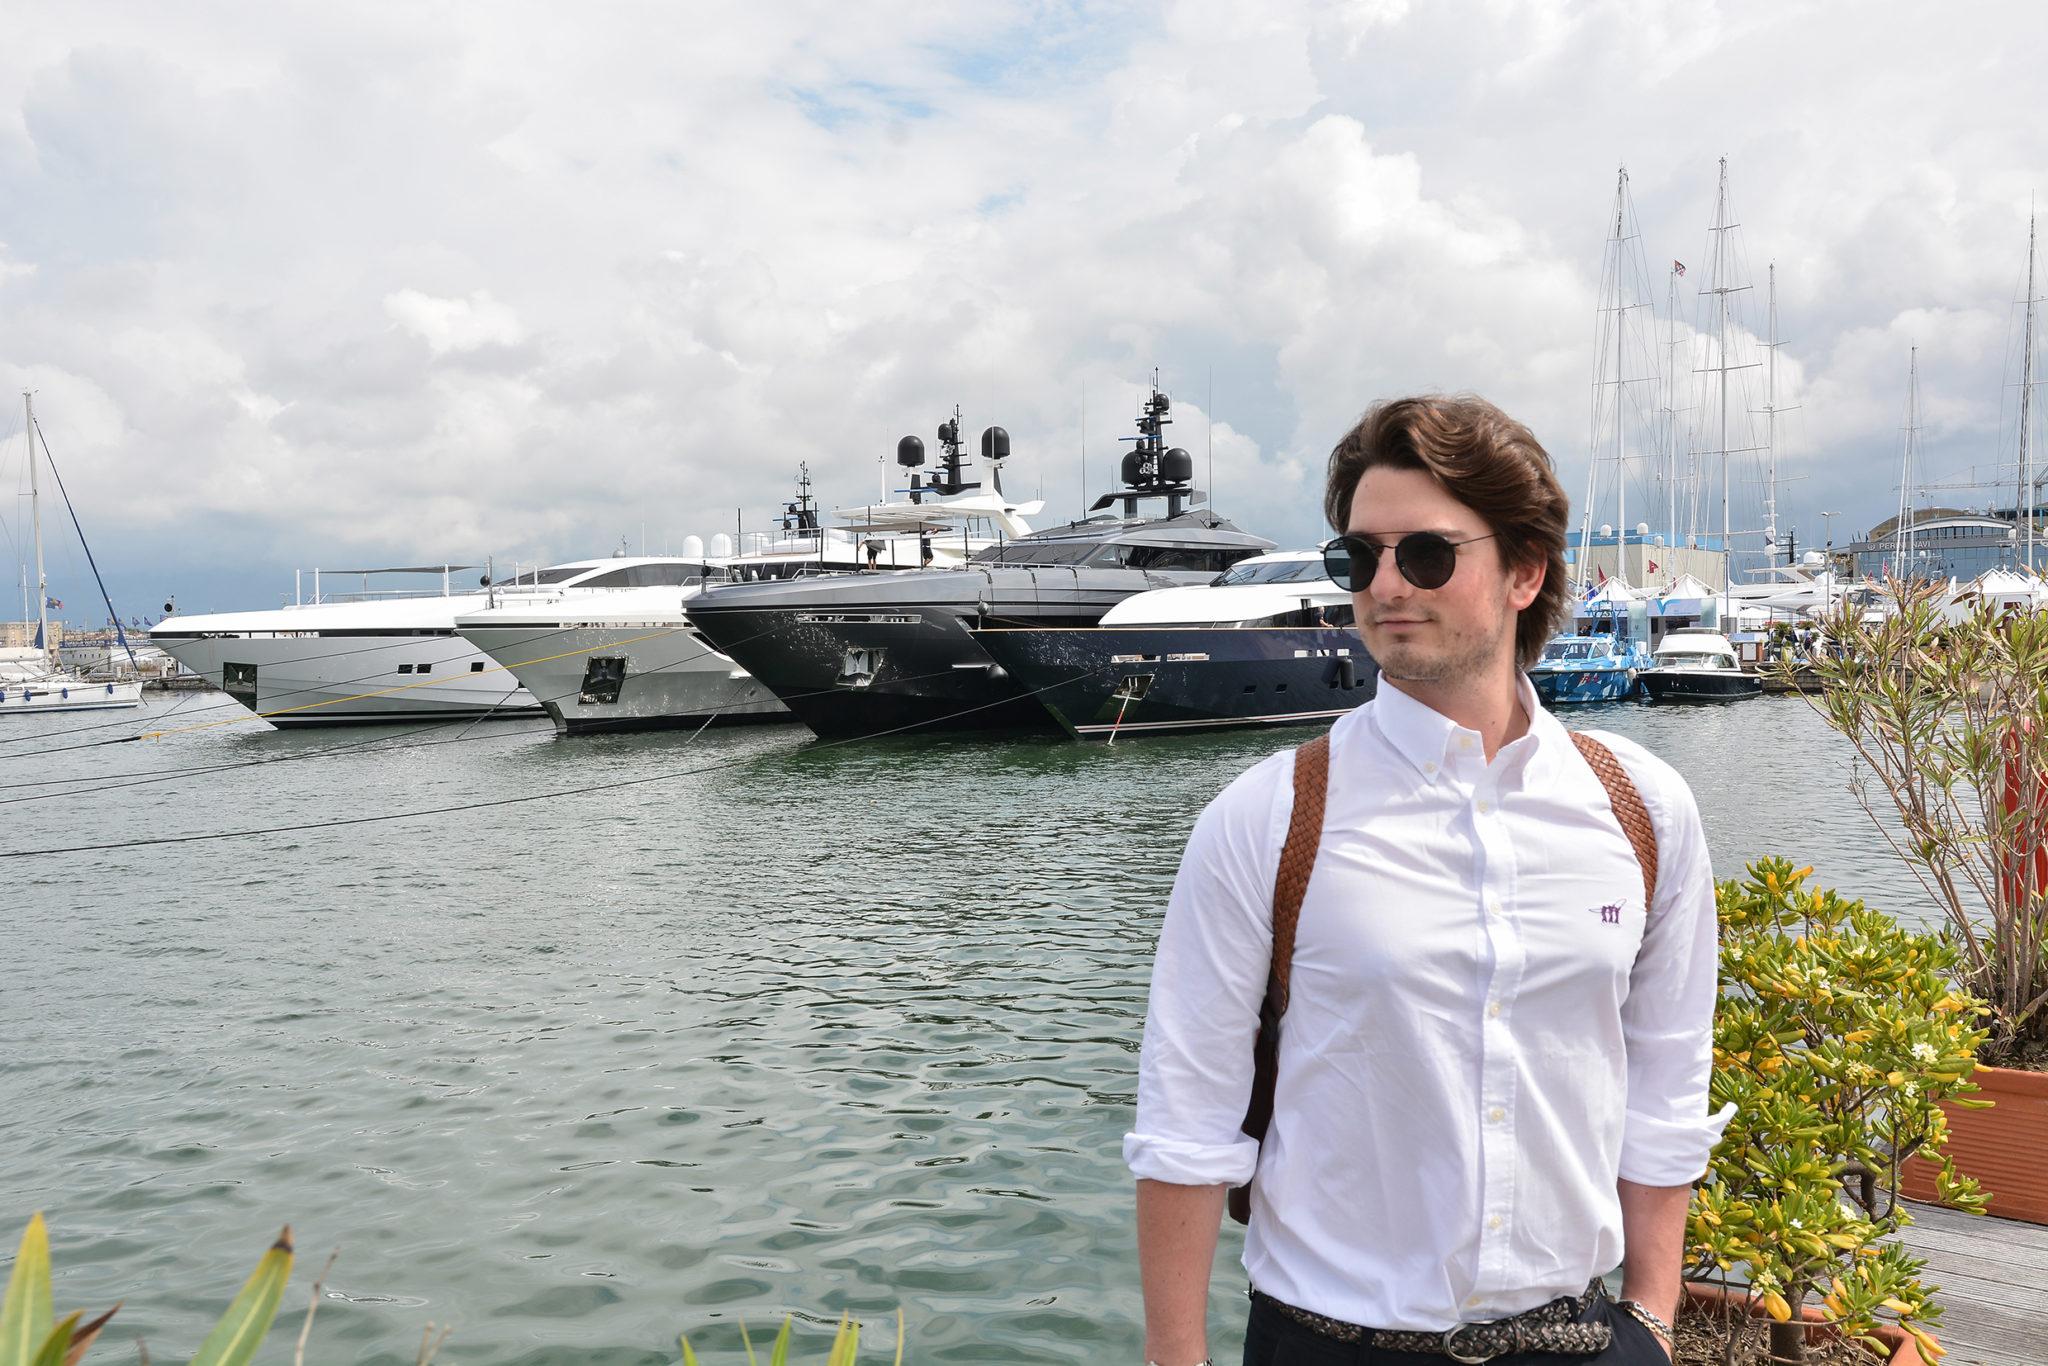 Tenuta Torciano at the Yachting Club Rendez-Vous in Viareggio